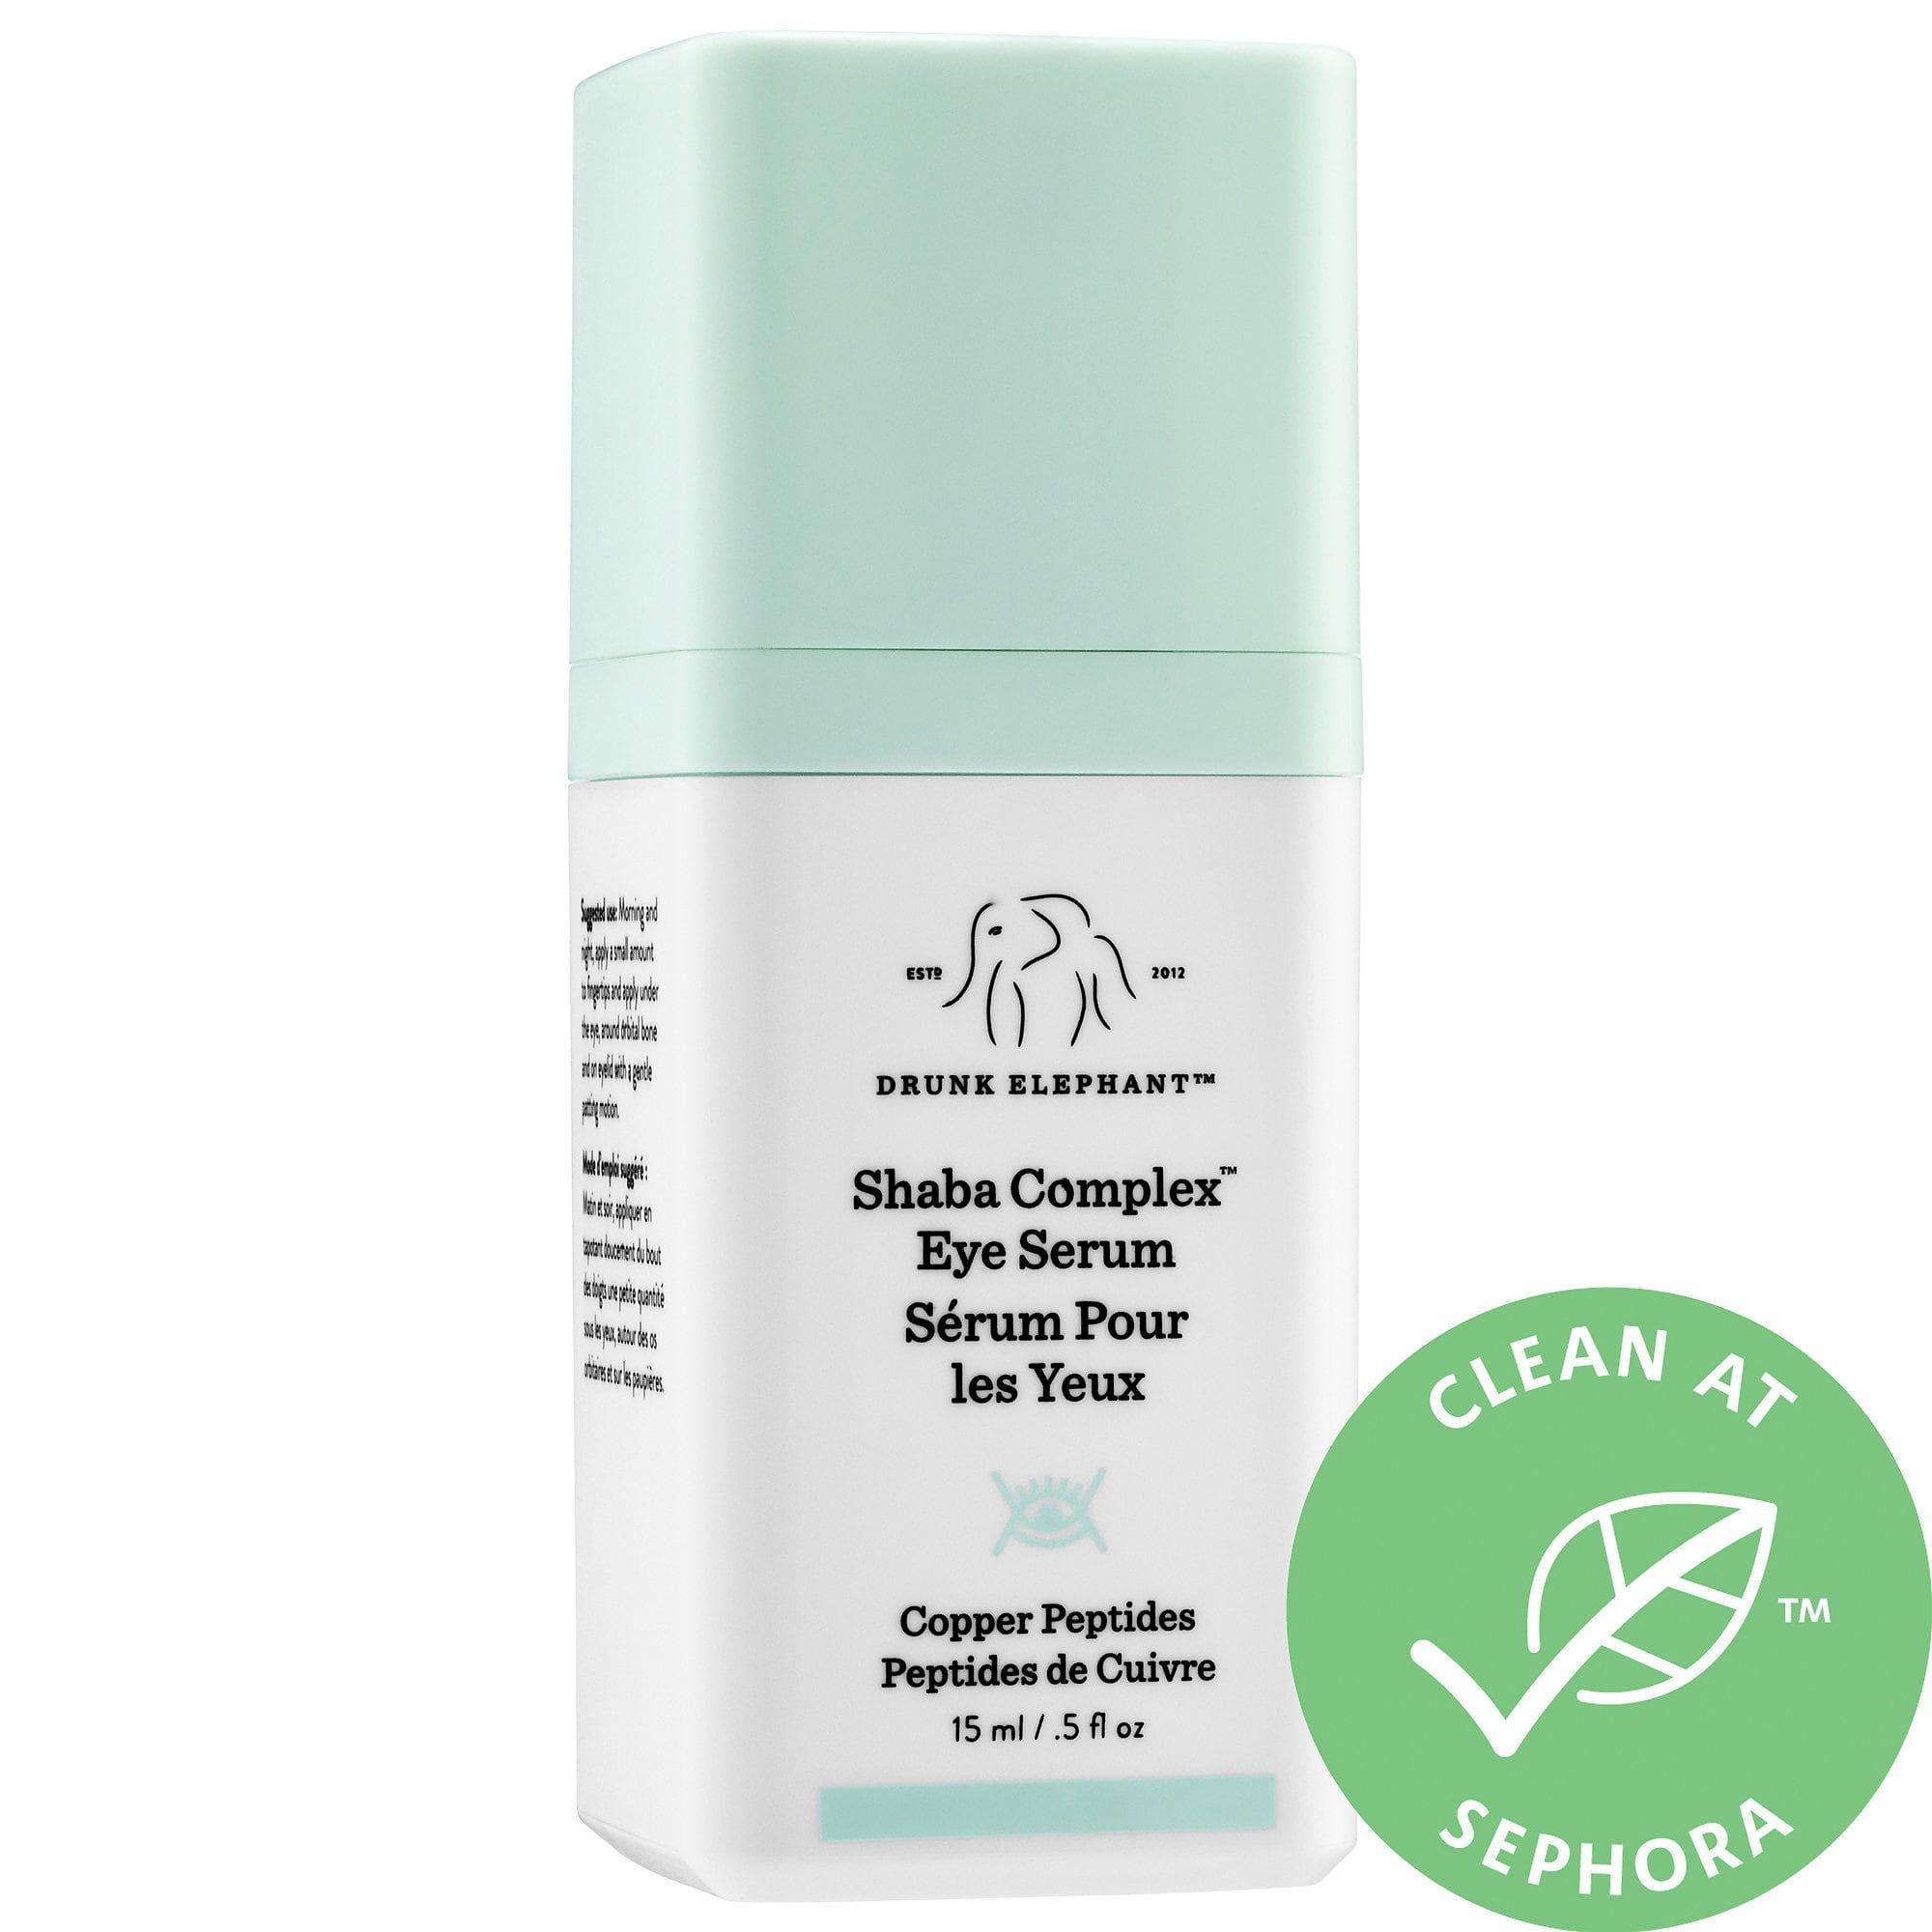 Shaba Complex™ Firming Eye Serum Eye serum, Anti aging